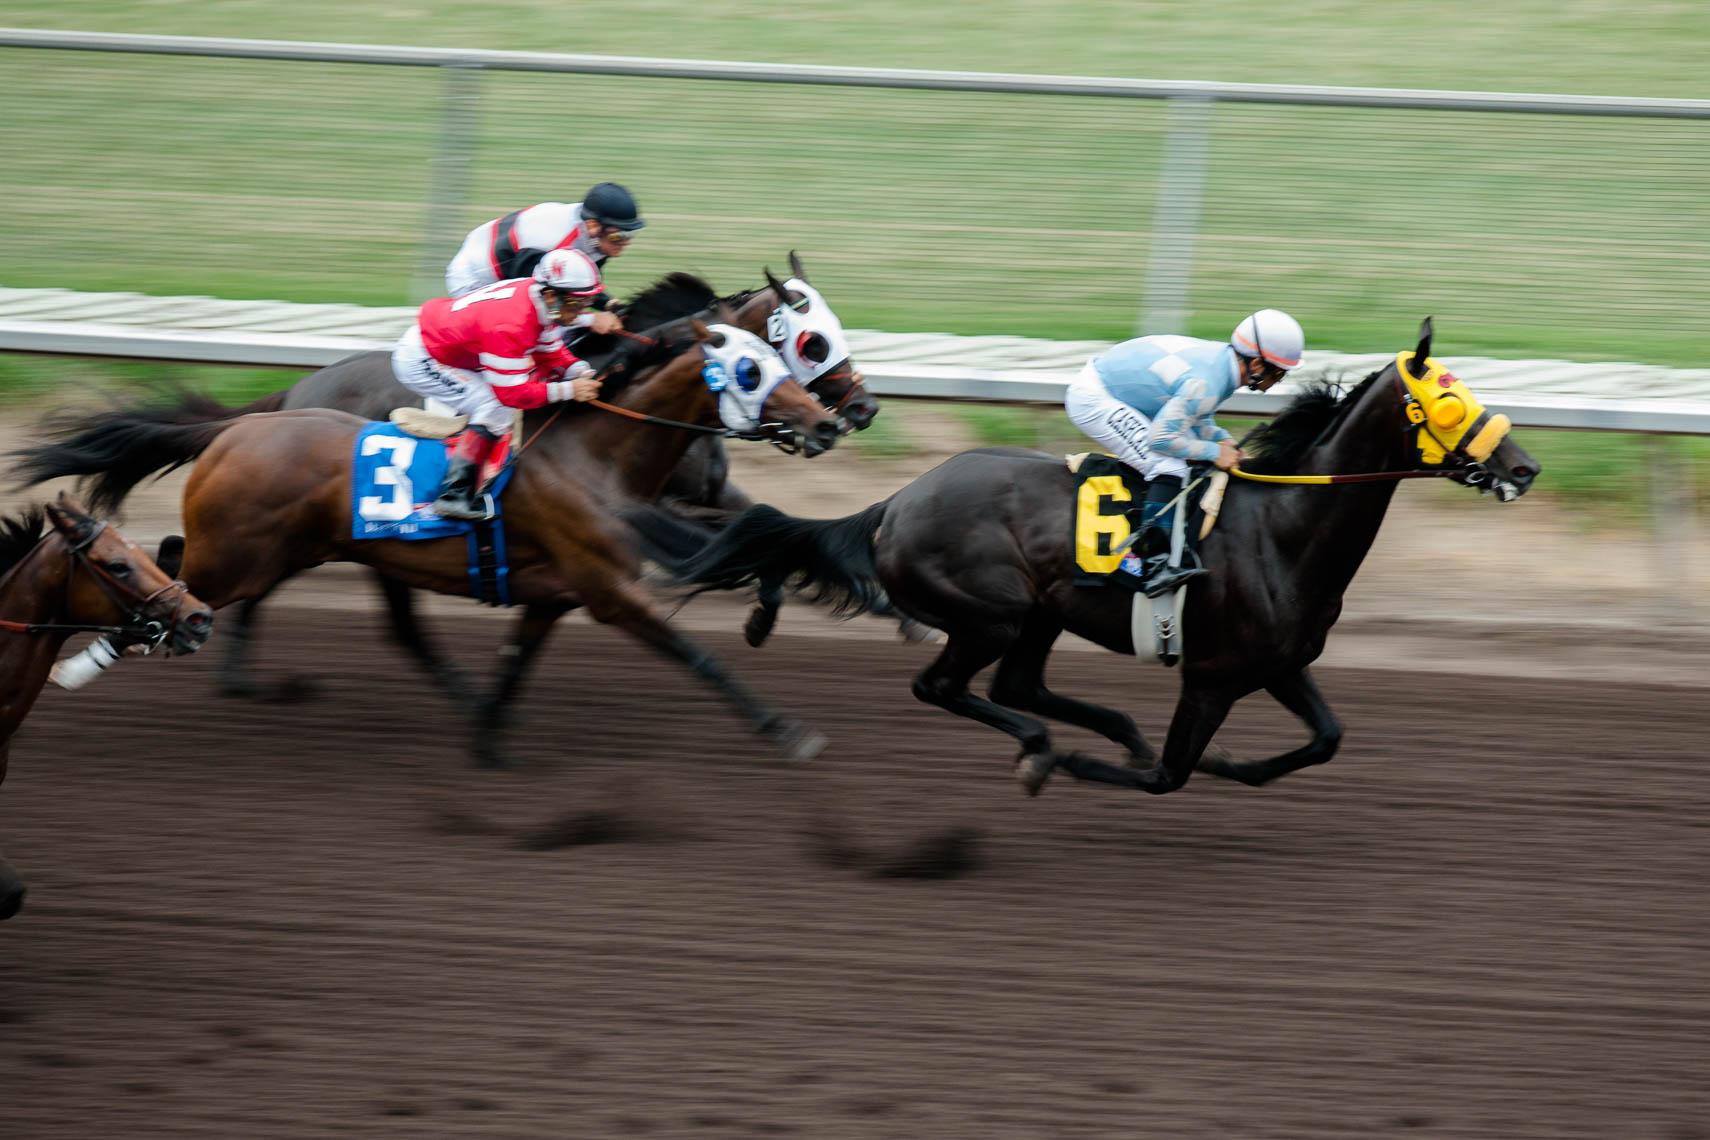 Horse Racing by James Erin de Jauregui